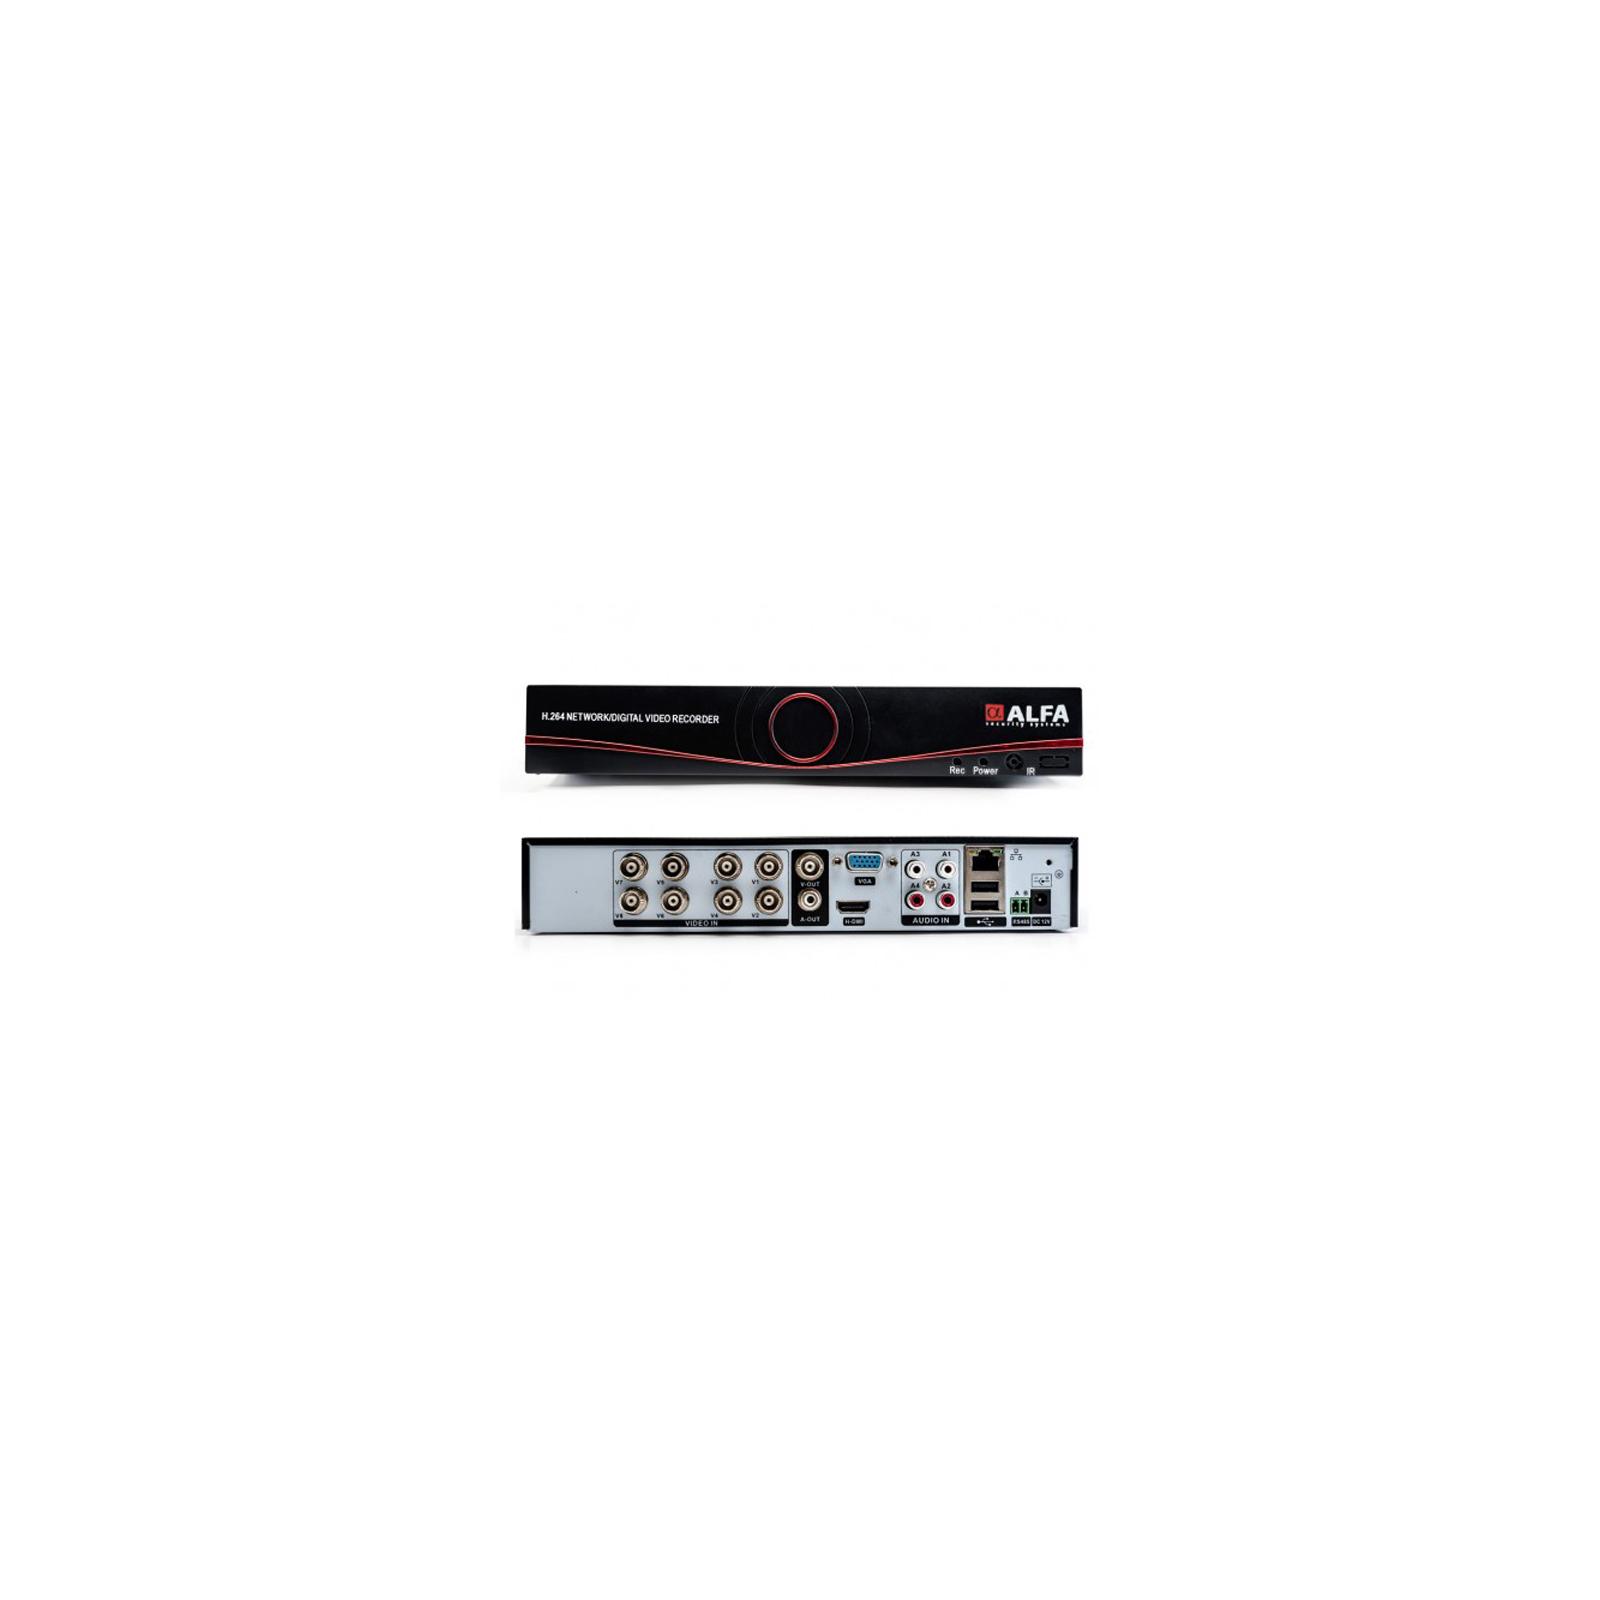 Регистратор для видеонаблюдения ALFA D6308S изображение 3